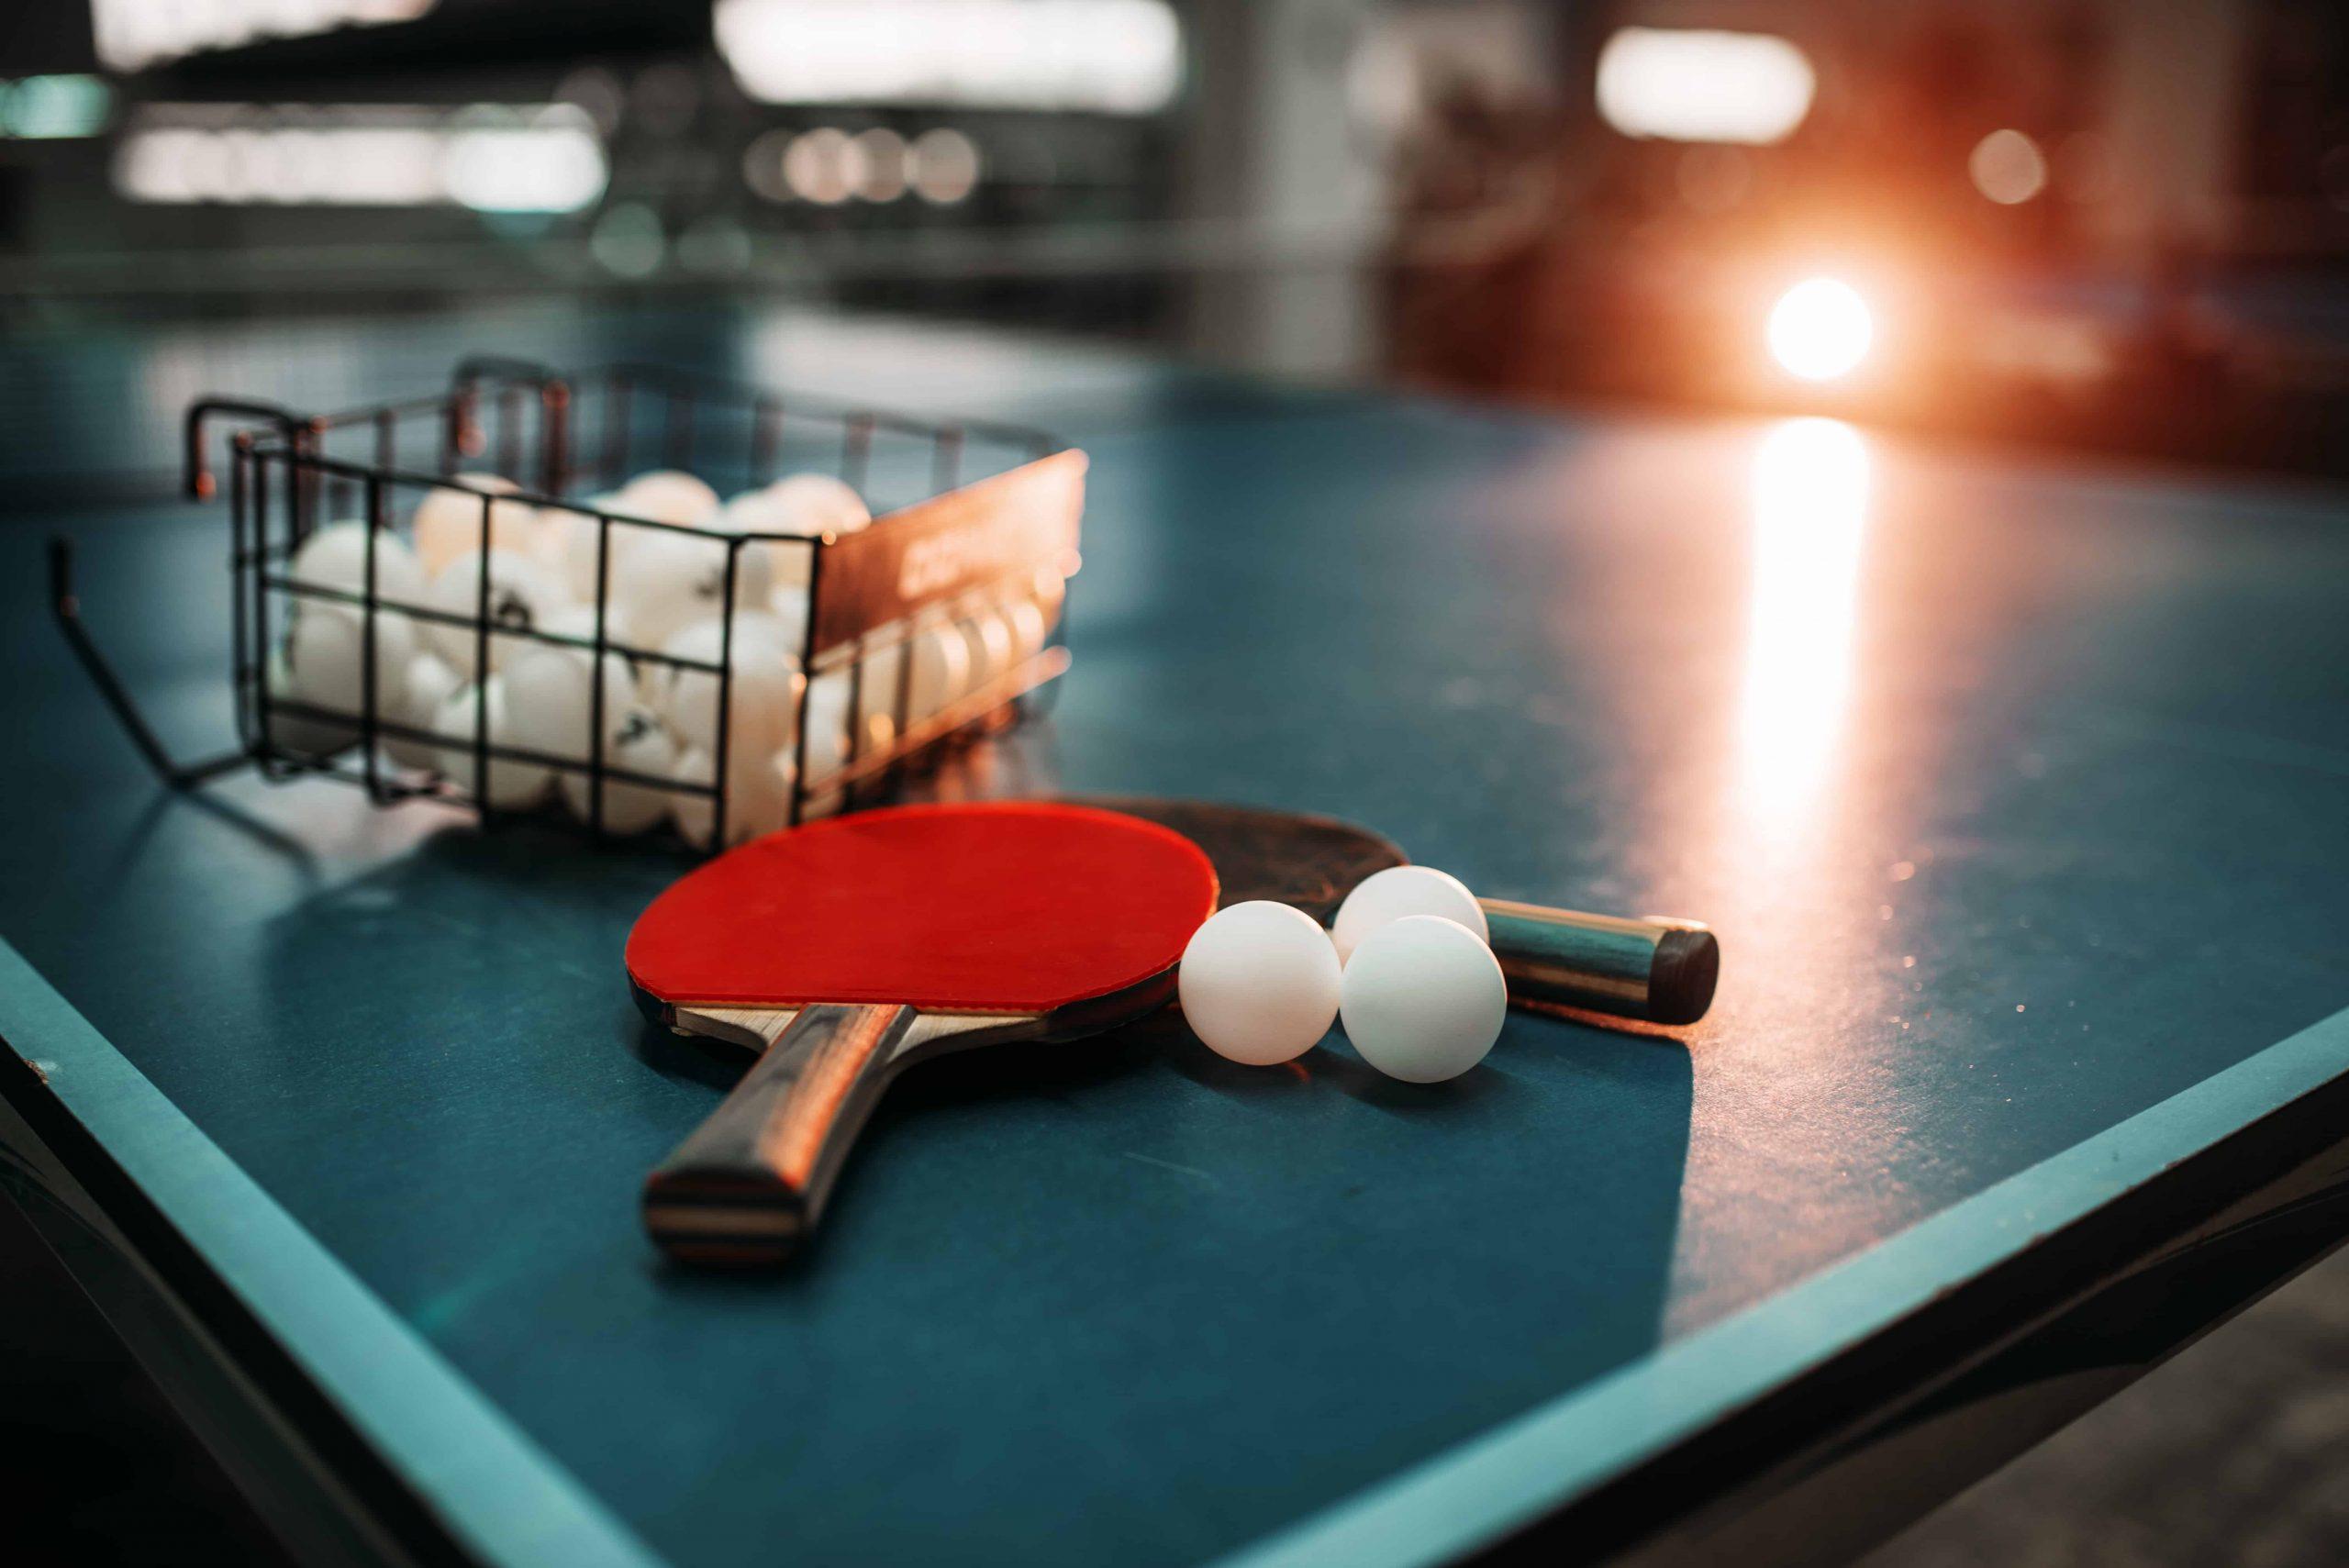 Tischtennis Ballmaschine: Test & Empfehlungen (08/21)